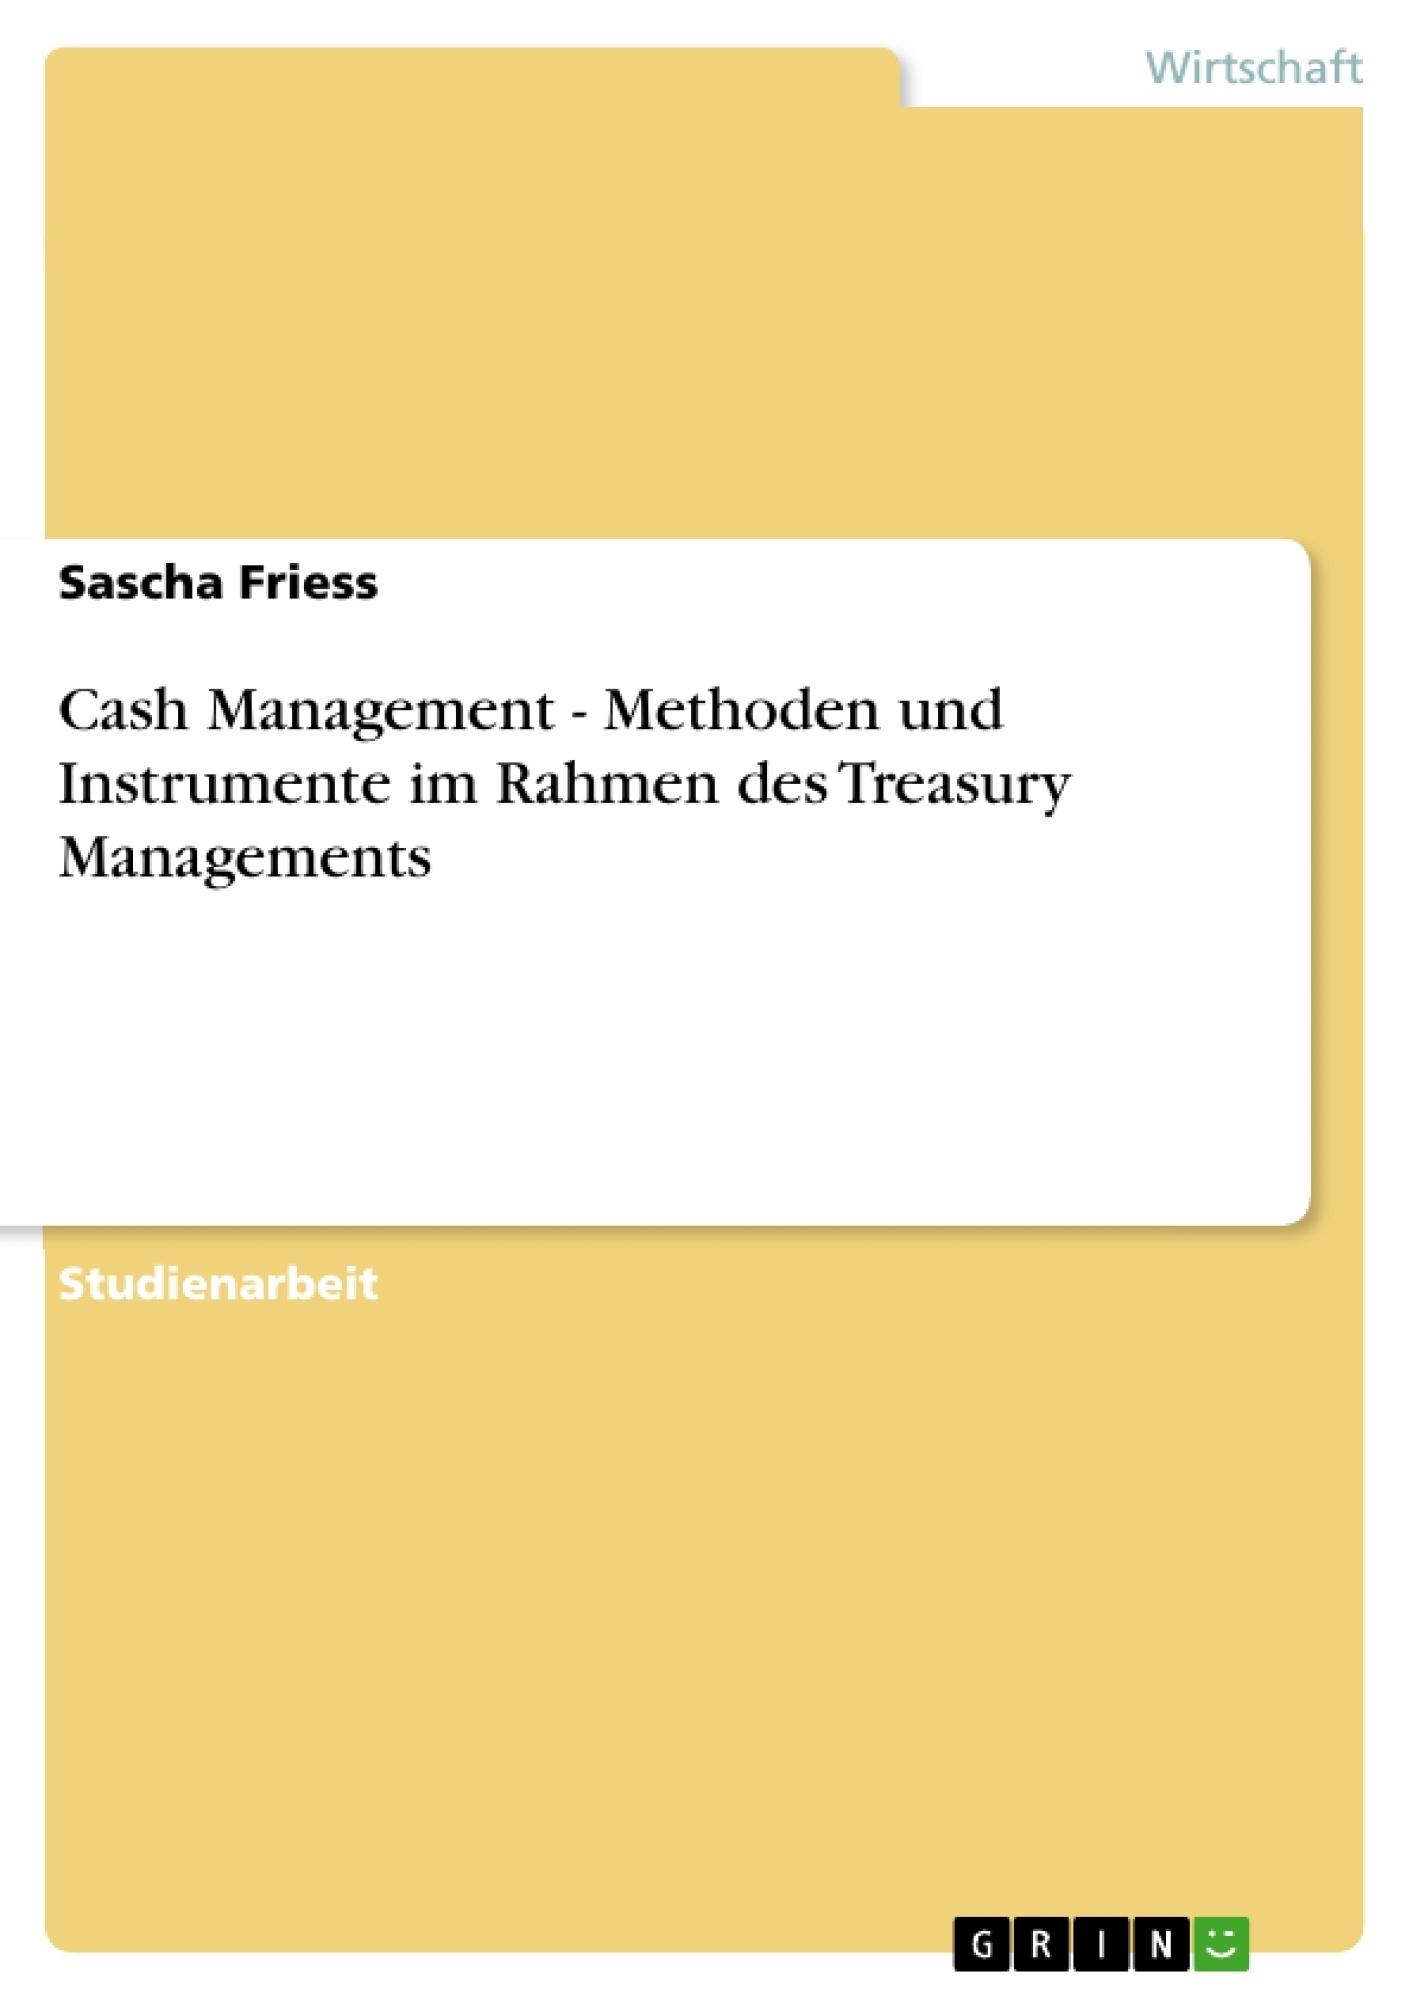 Titel: Cash Management - Methoden und Instrumente im Rahmen des Treasury Managements